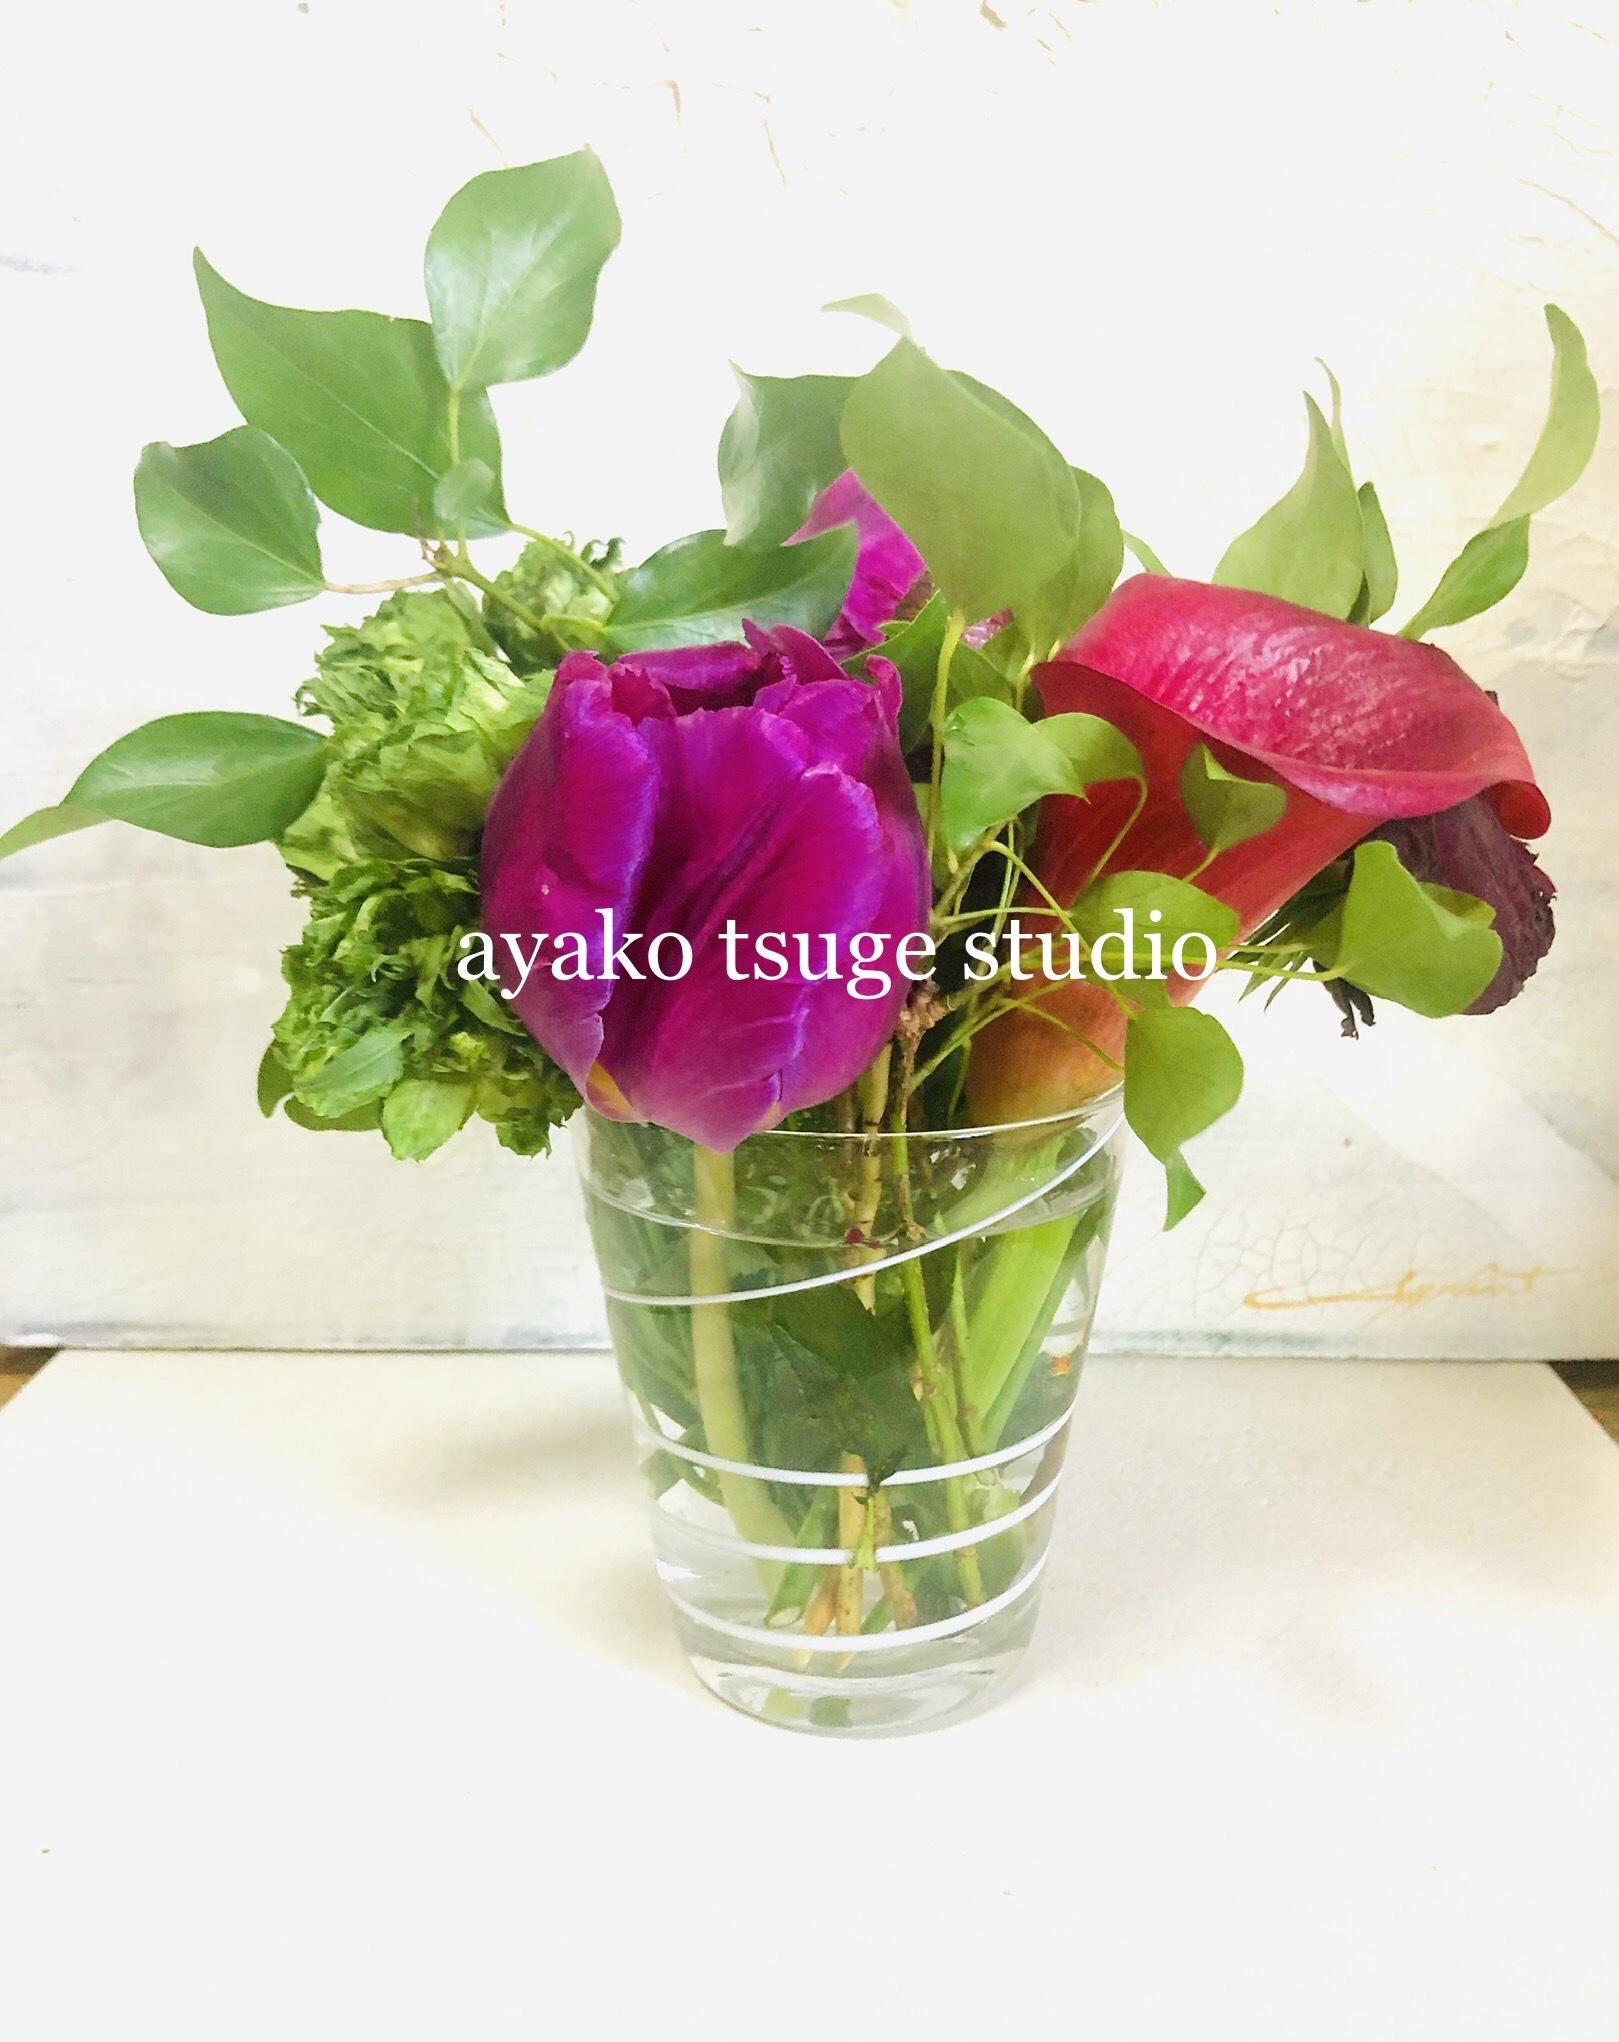 完売御礼 2019年前期 名古屋水彩ワークショップ 素敵なガラス花瓶と和バラを描く全6回